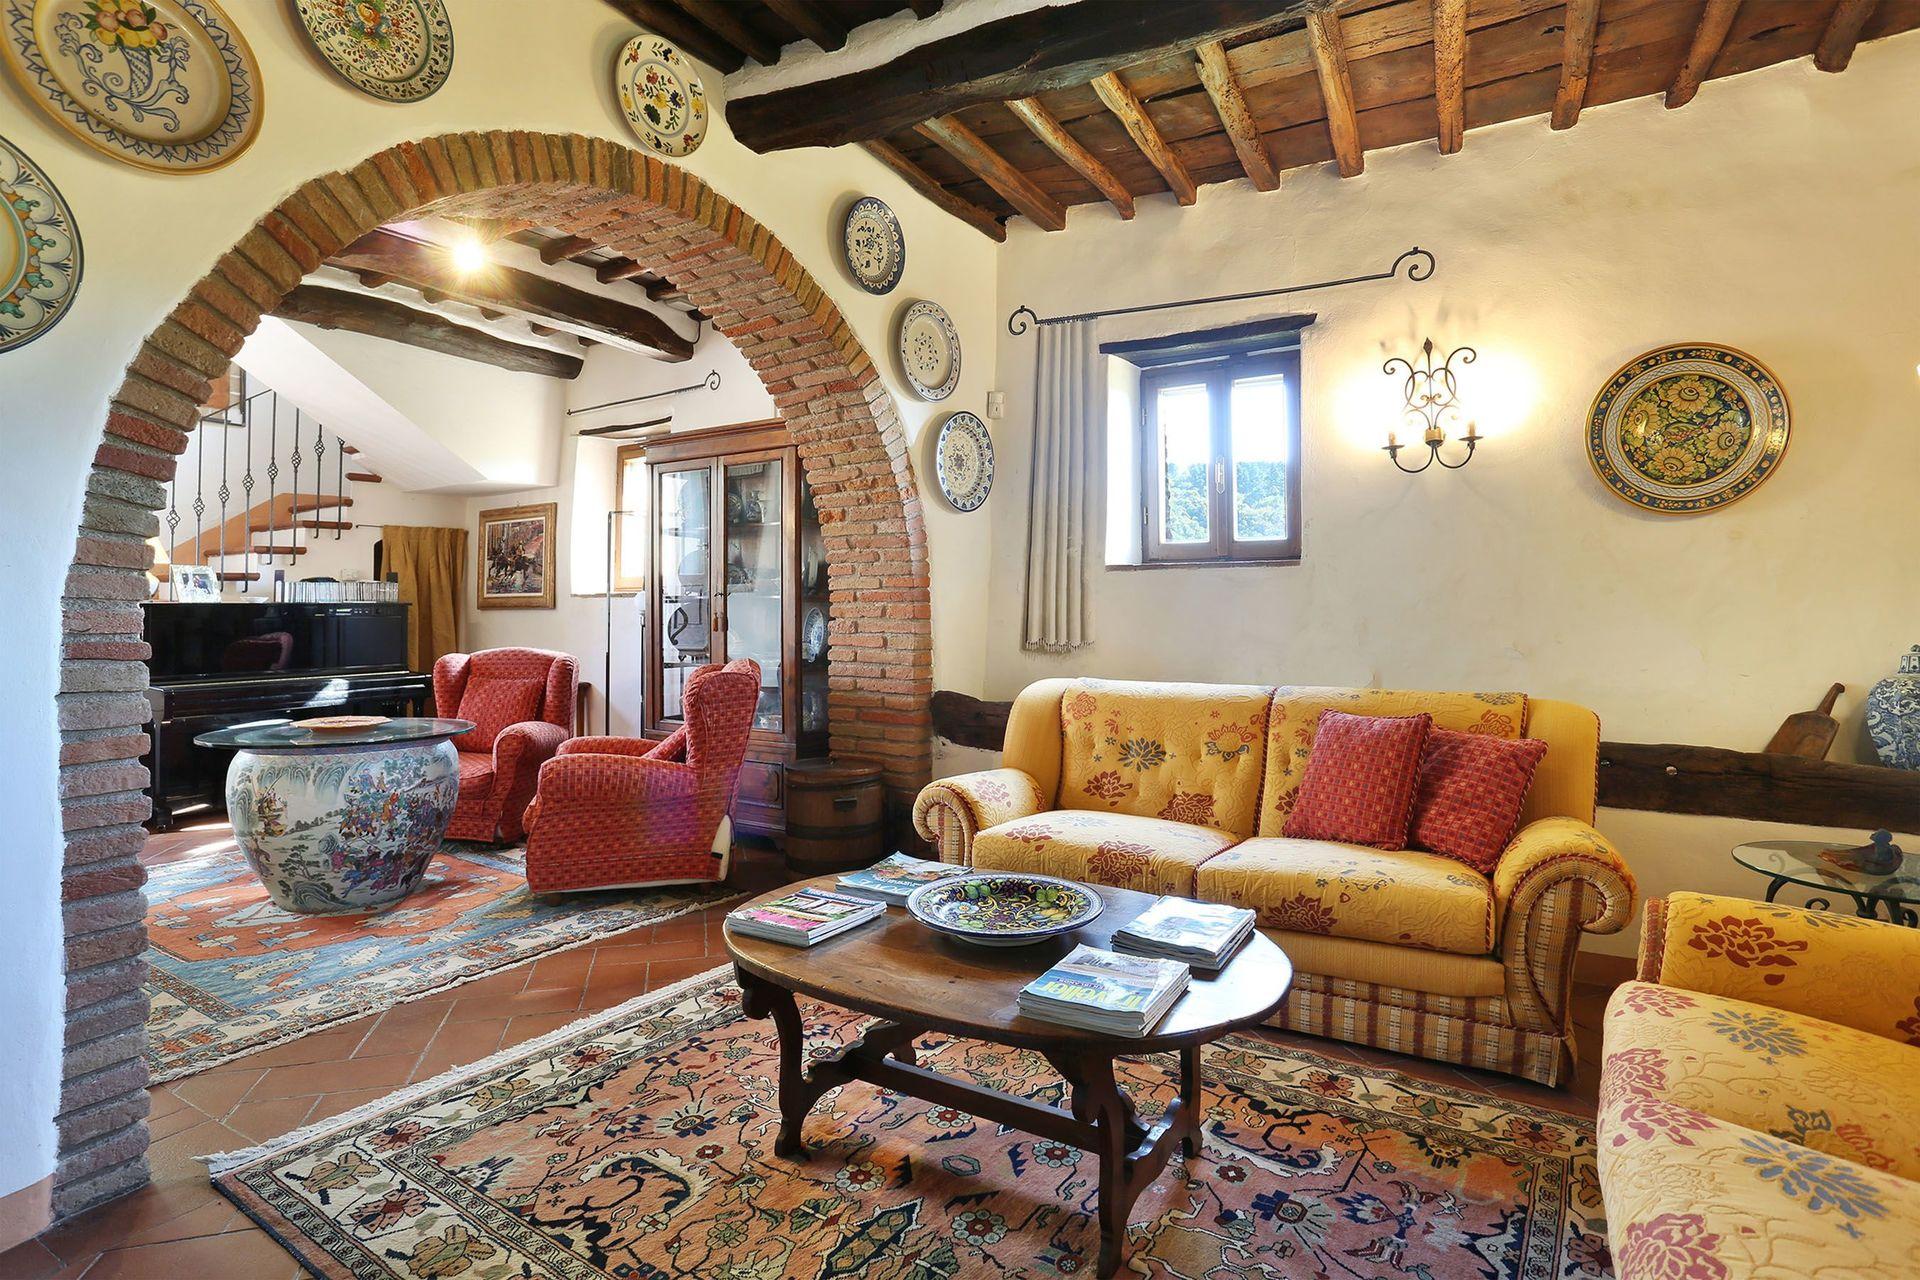 Casina Di Mello - Ferienhäuser Toskana für Personen mit ...